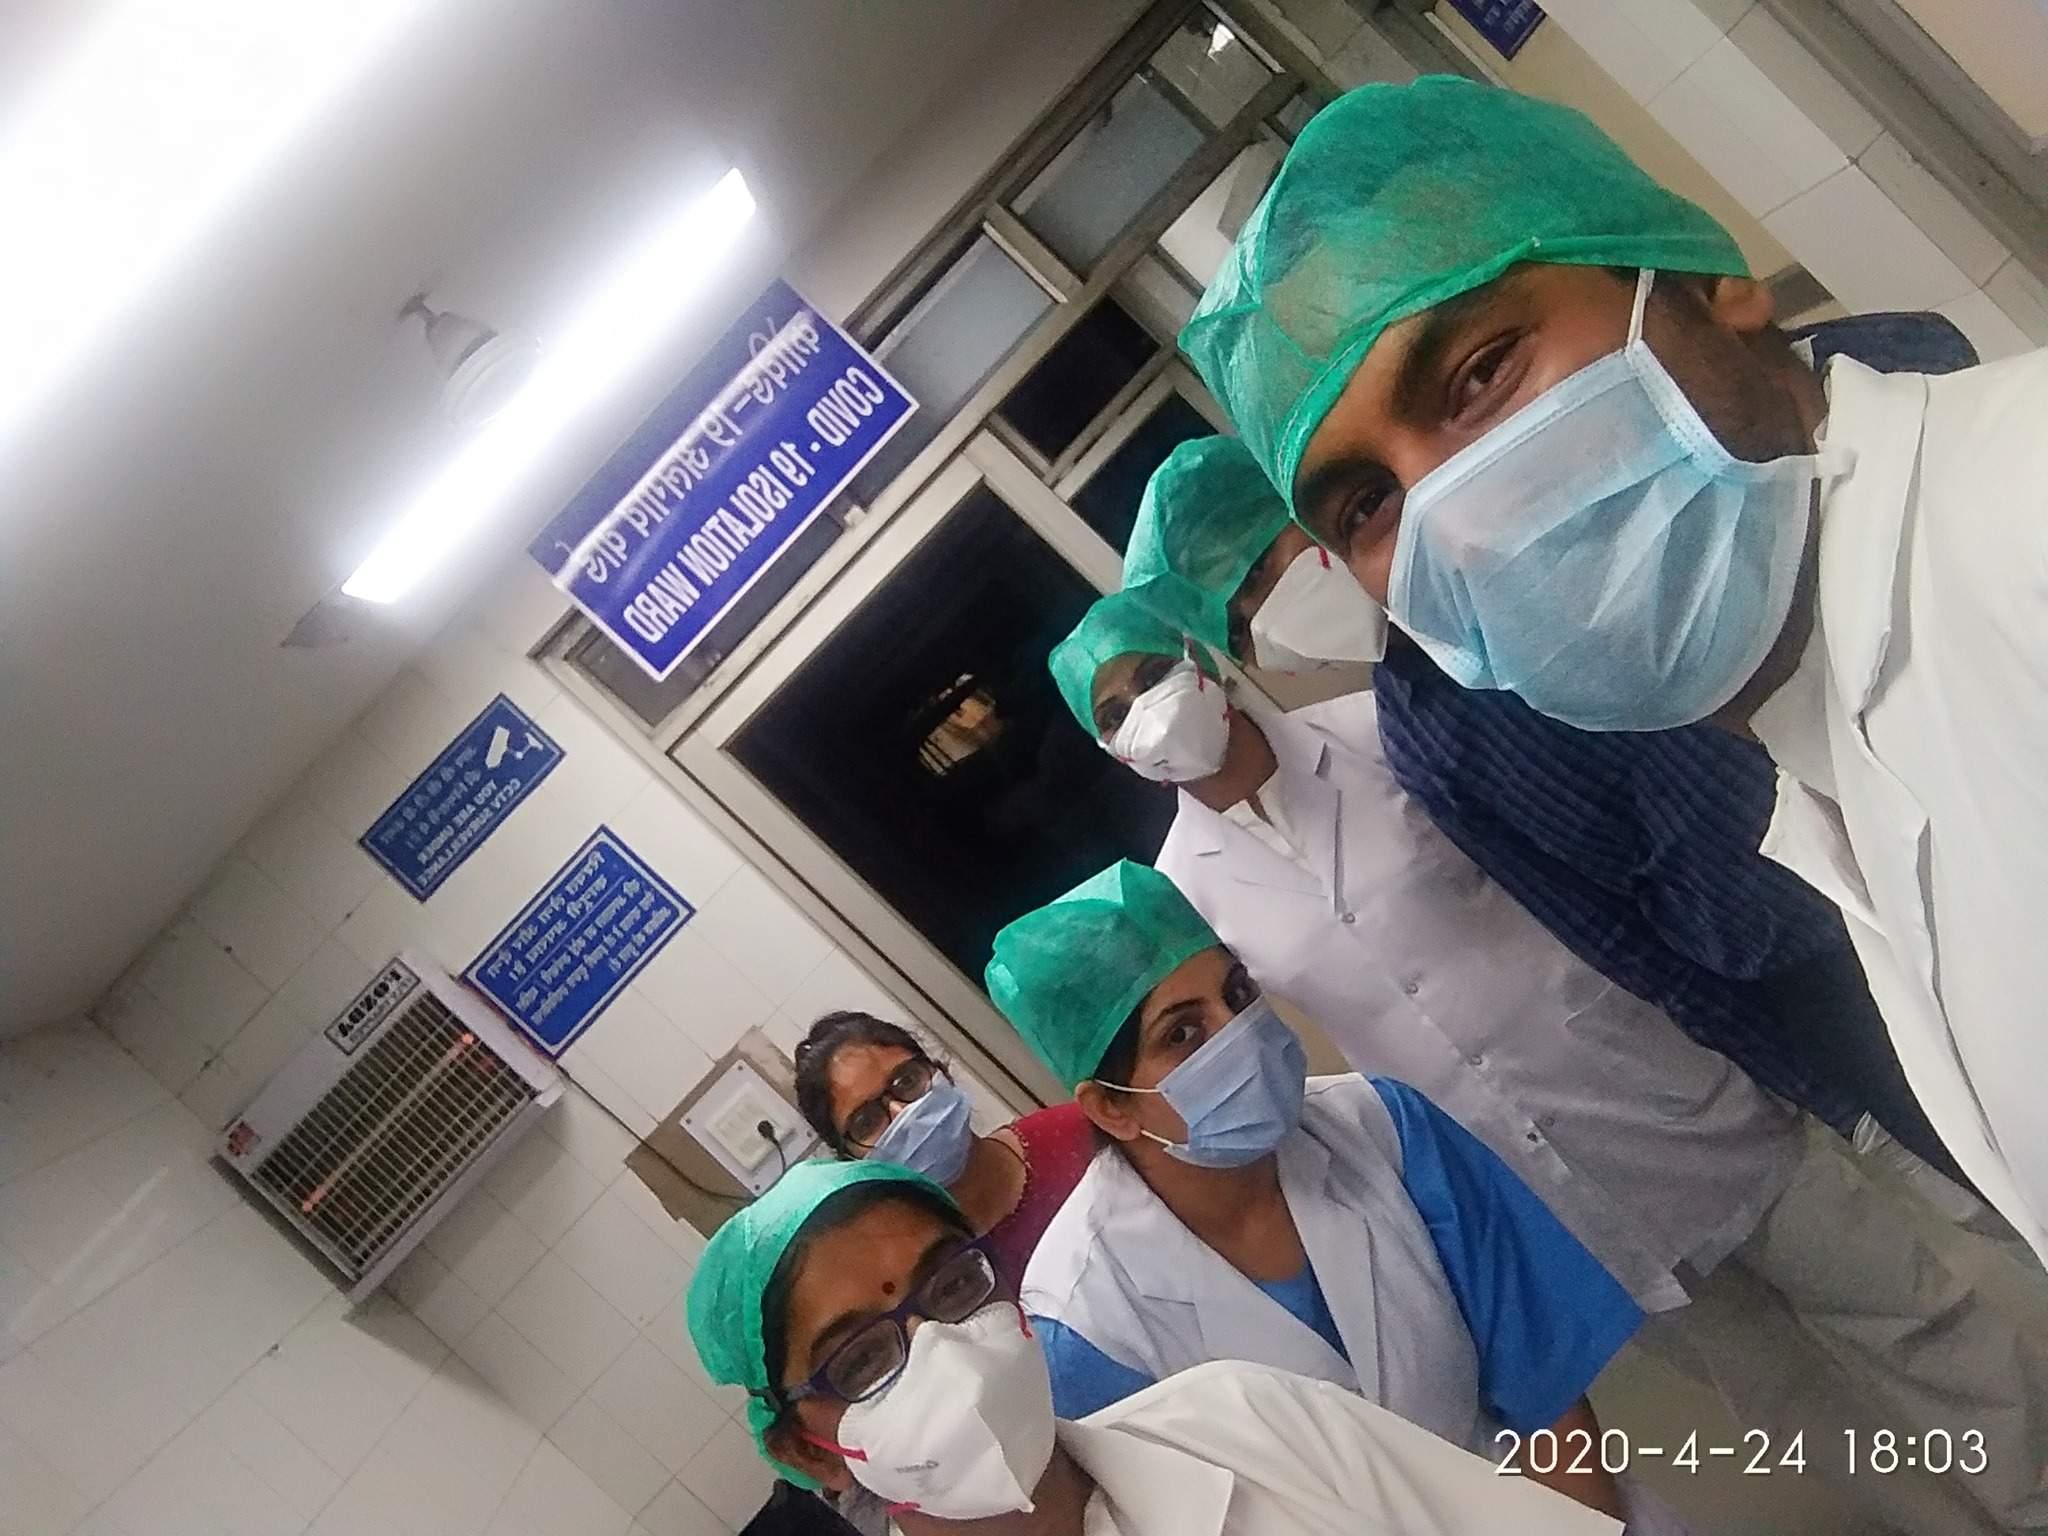 कोरोना योद्धा के रूप में तिब्बिया कॉलेज और अस्पताल में कर्तव्यपथ पर वैद्यगण